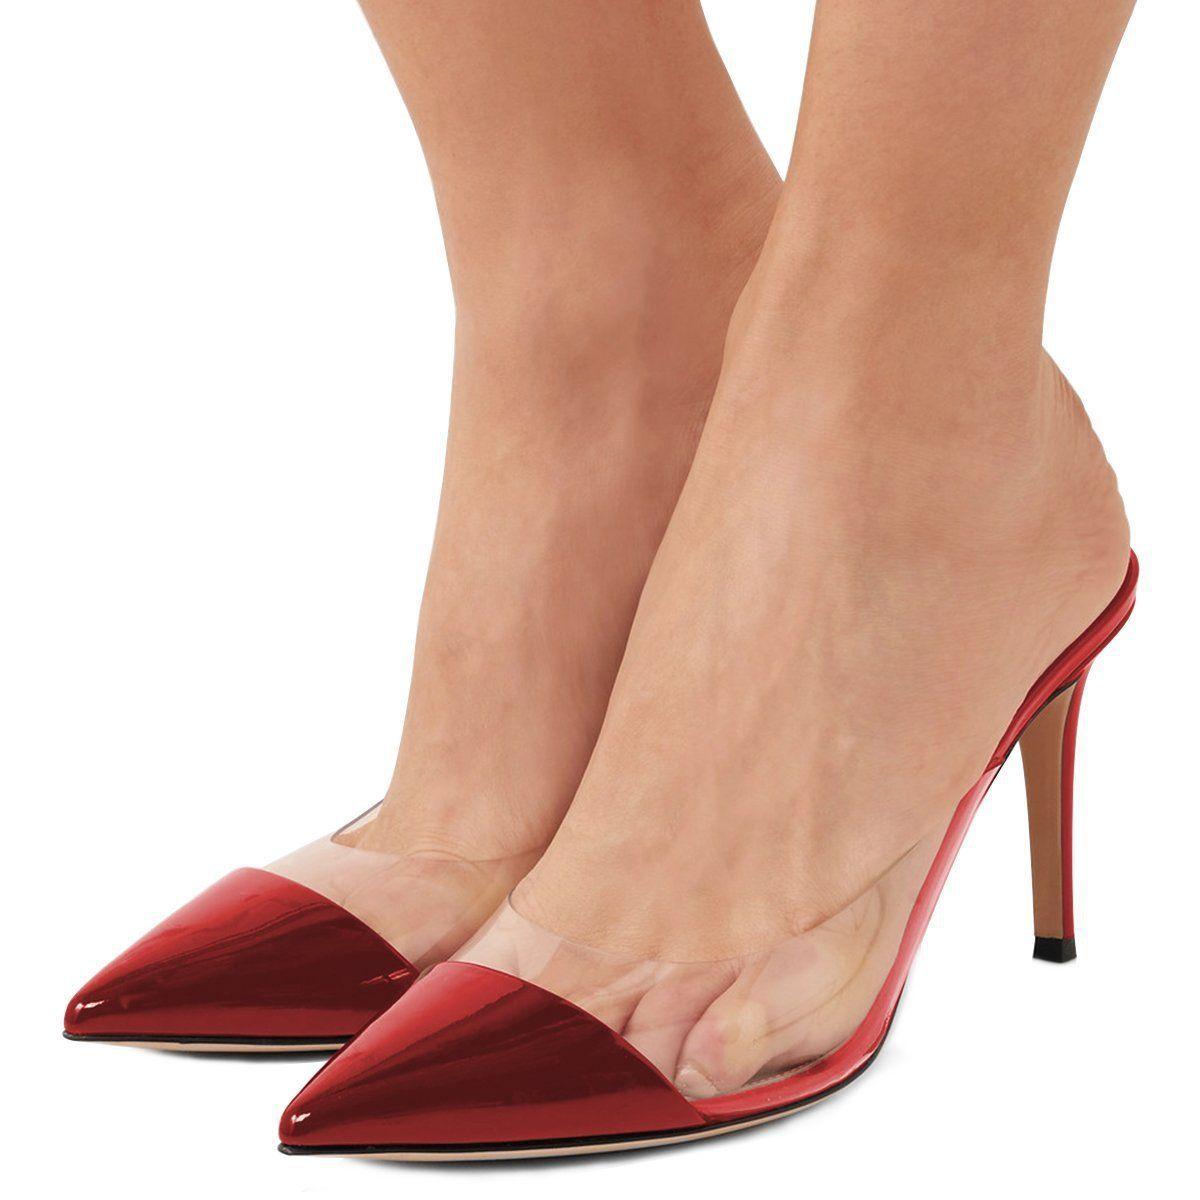 Fashion2019 Fashion Latest Single Shoe Sharp Spelling Color Pvc Fine With Go Scarpe con tacco alto eccellenti Codice